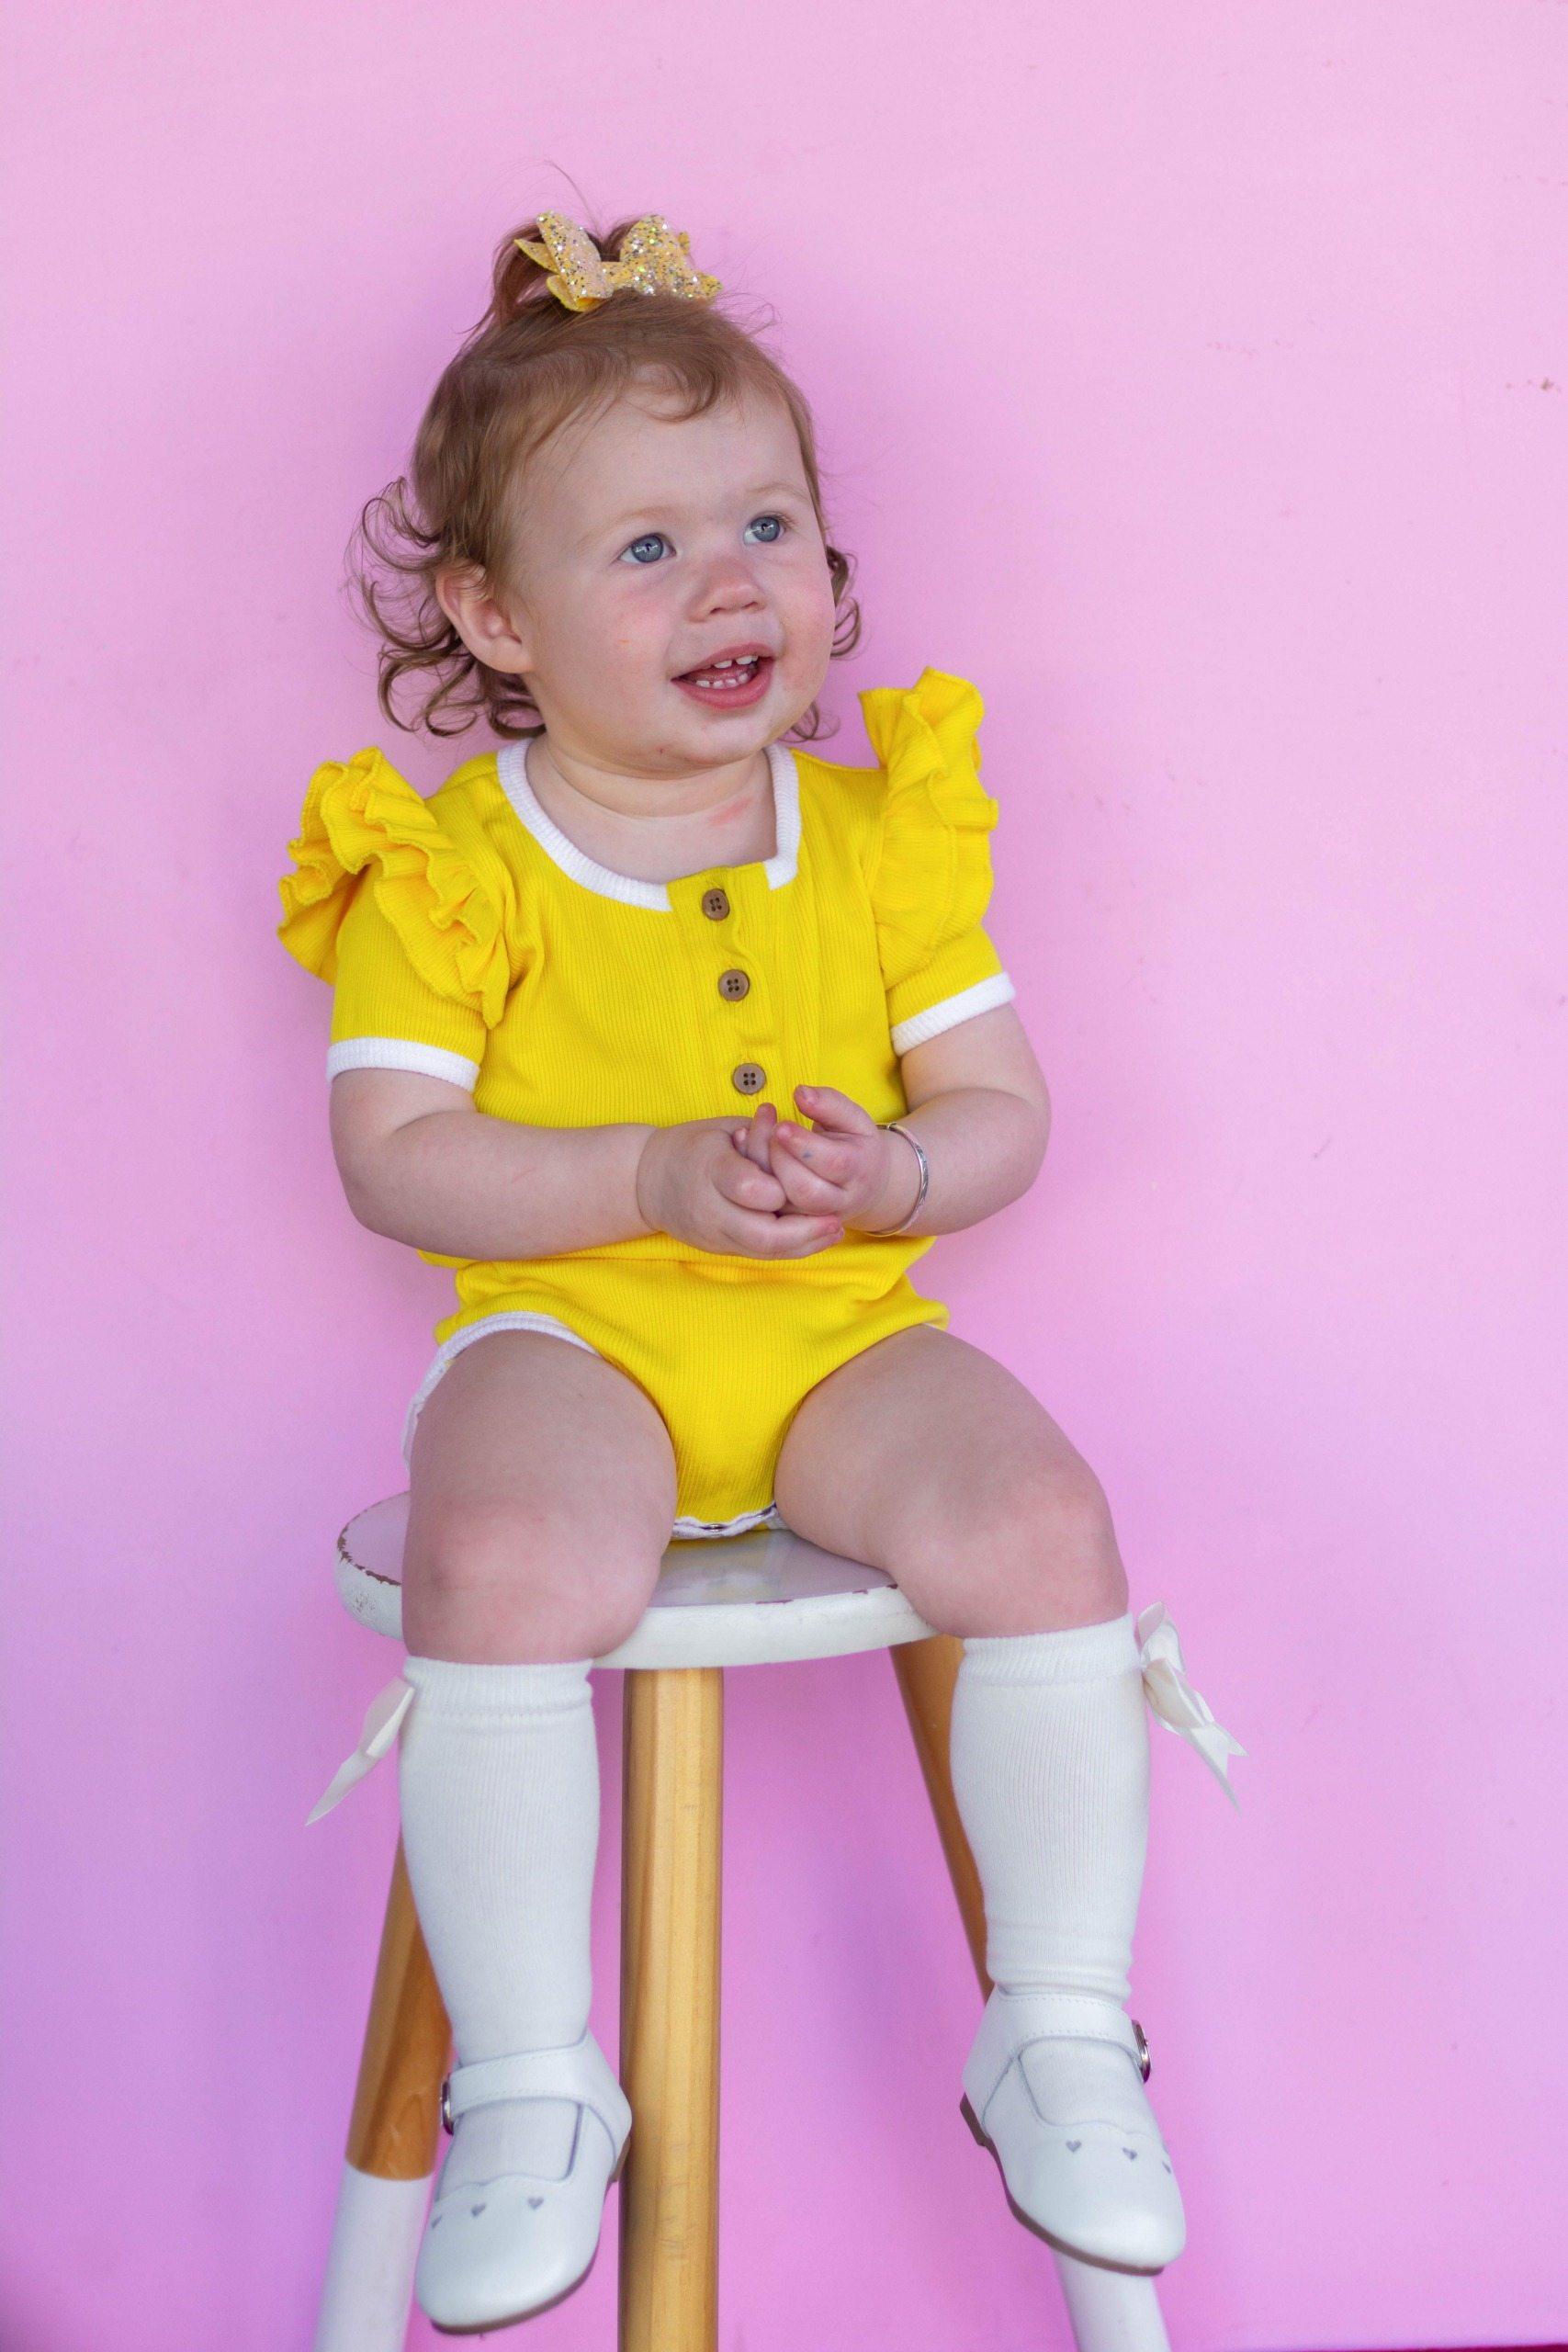 Beautiful girl in yellow top